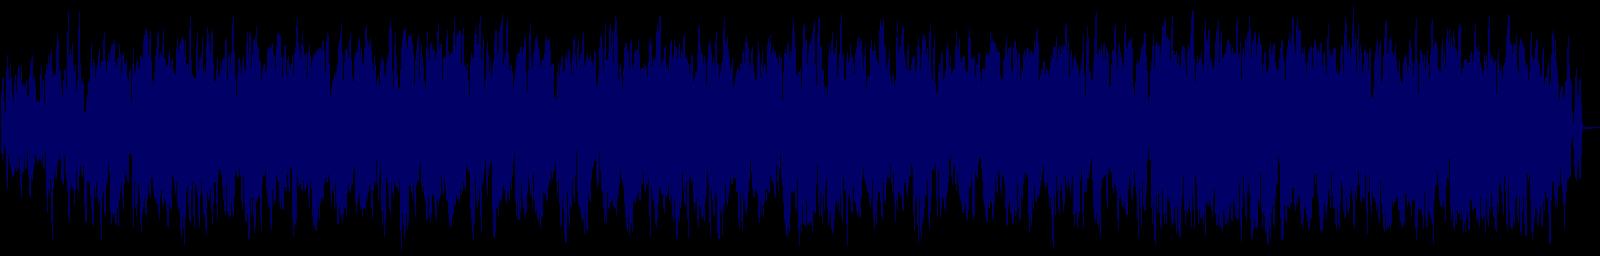 waveform of track #130408